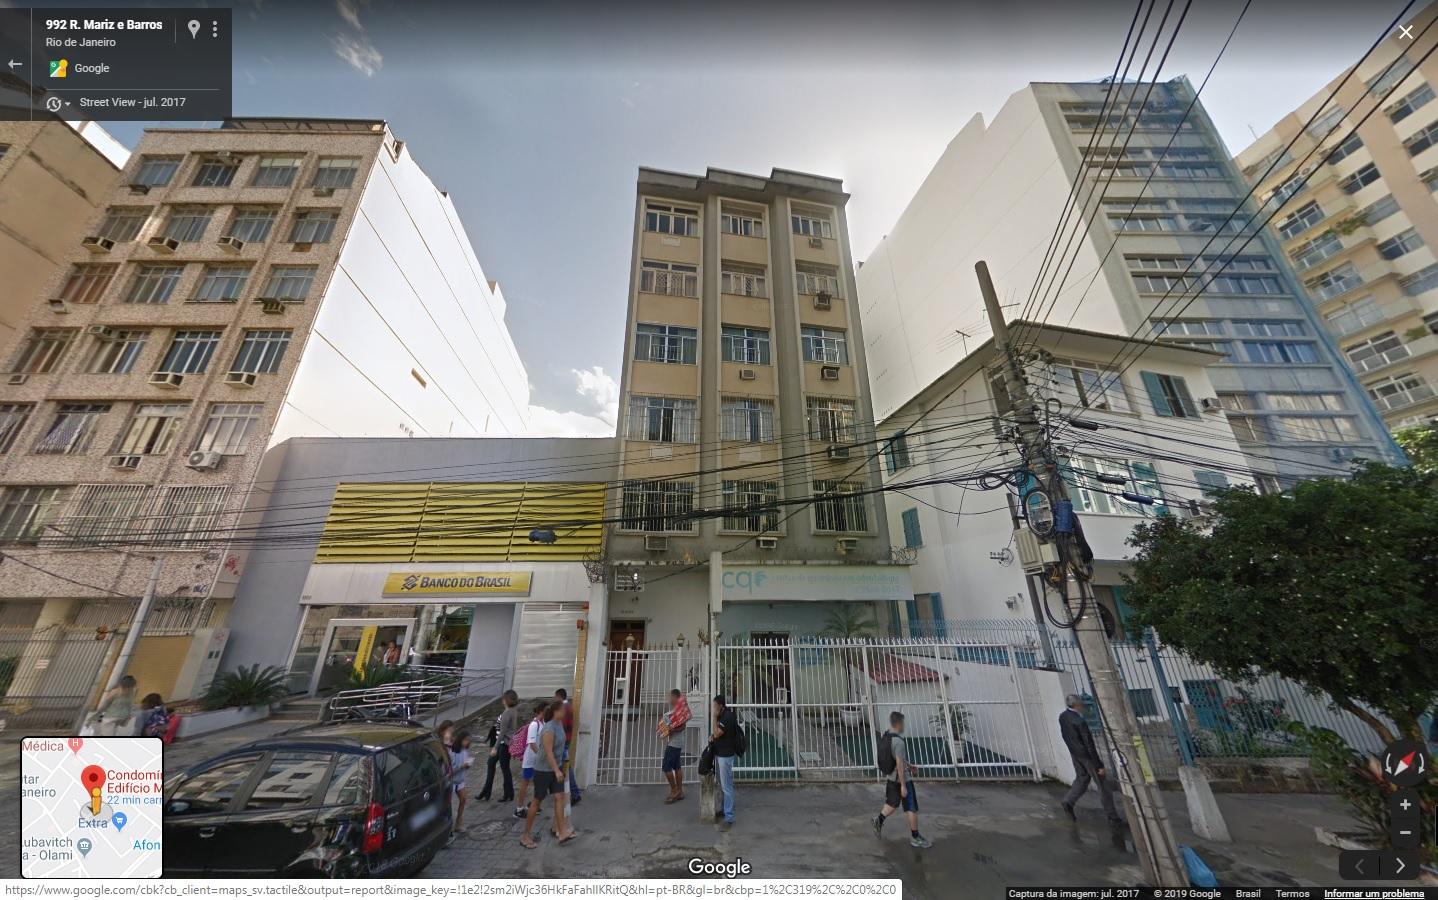 3/6 do Apartamento 201, Rua Mariz e Barros, n° 992, Maracanã